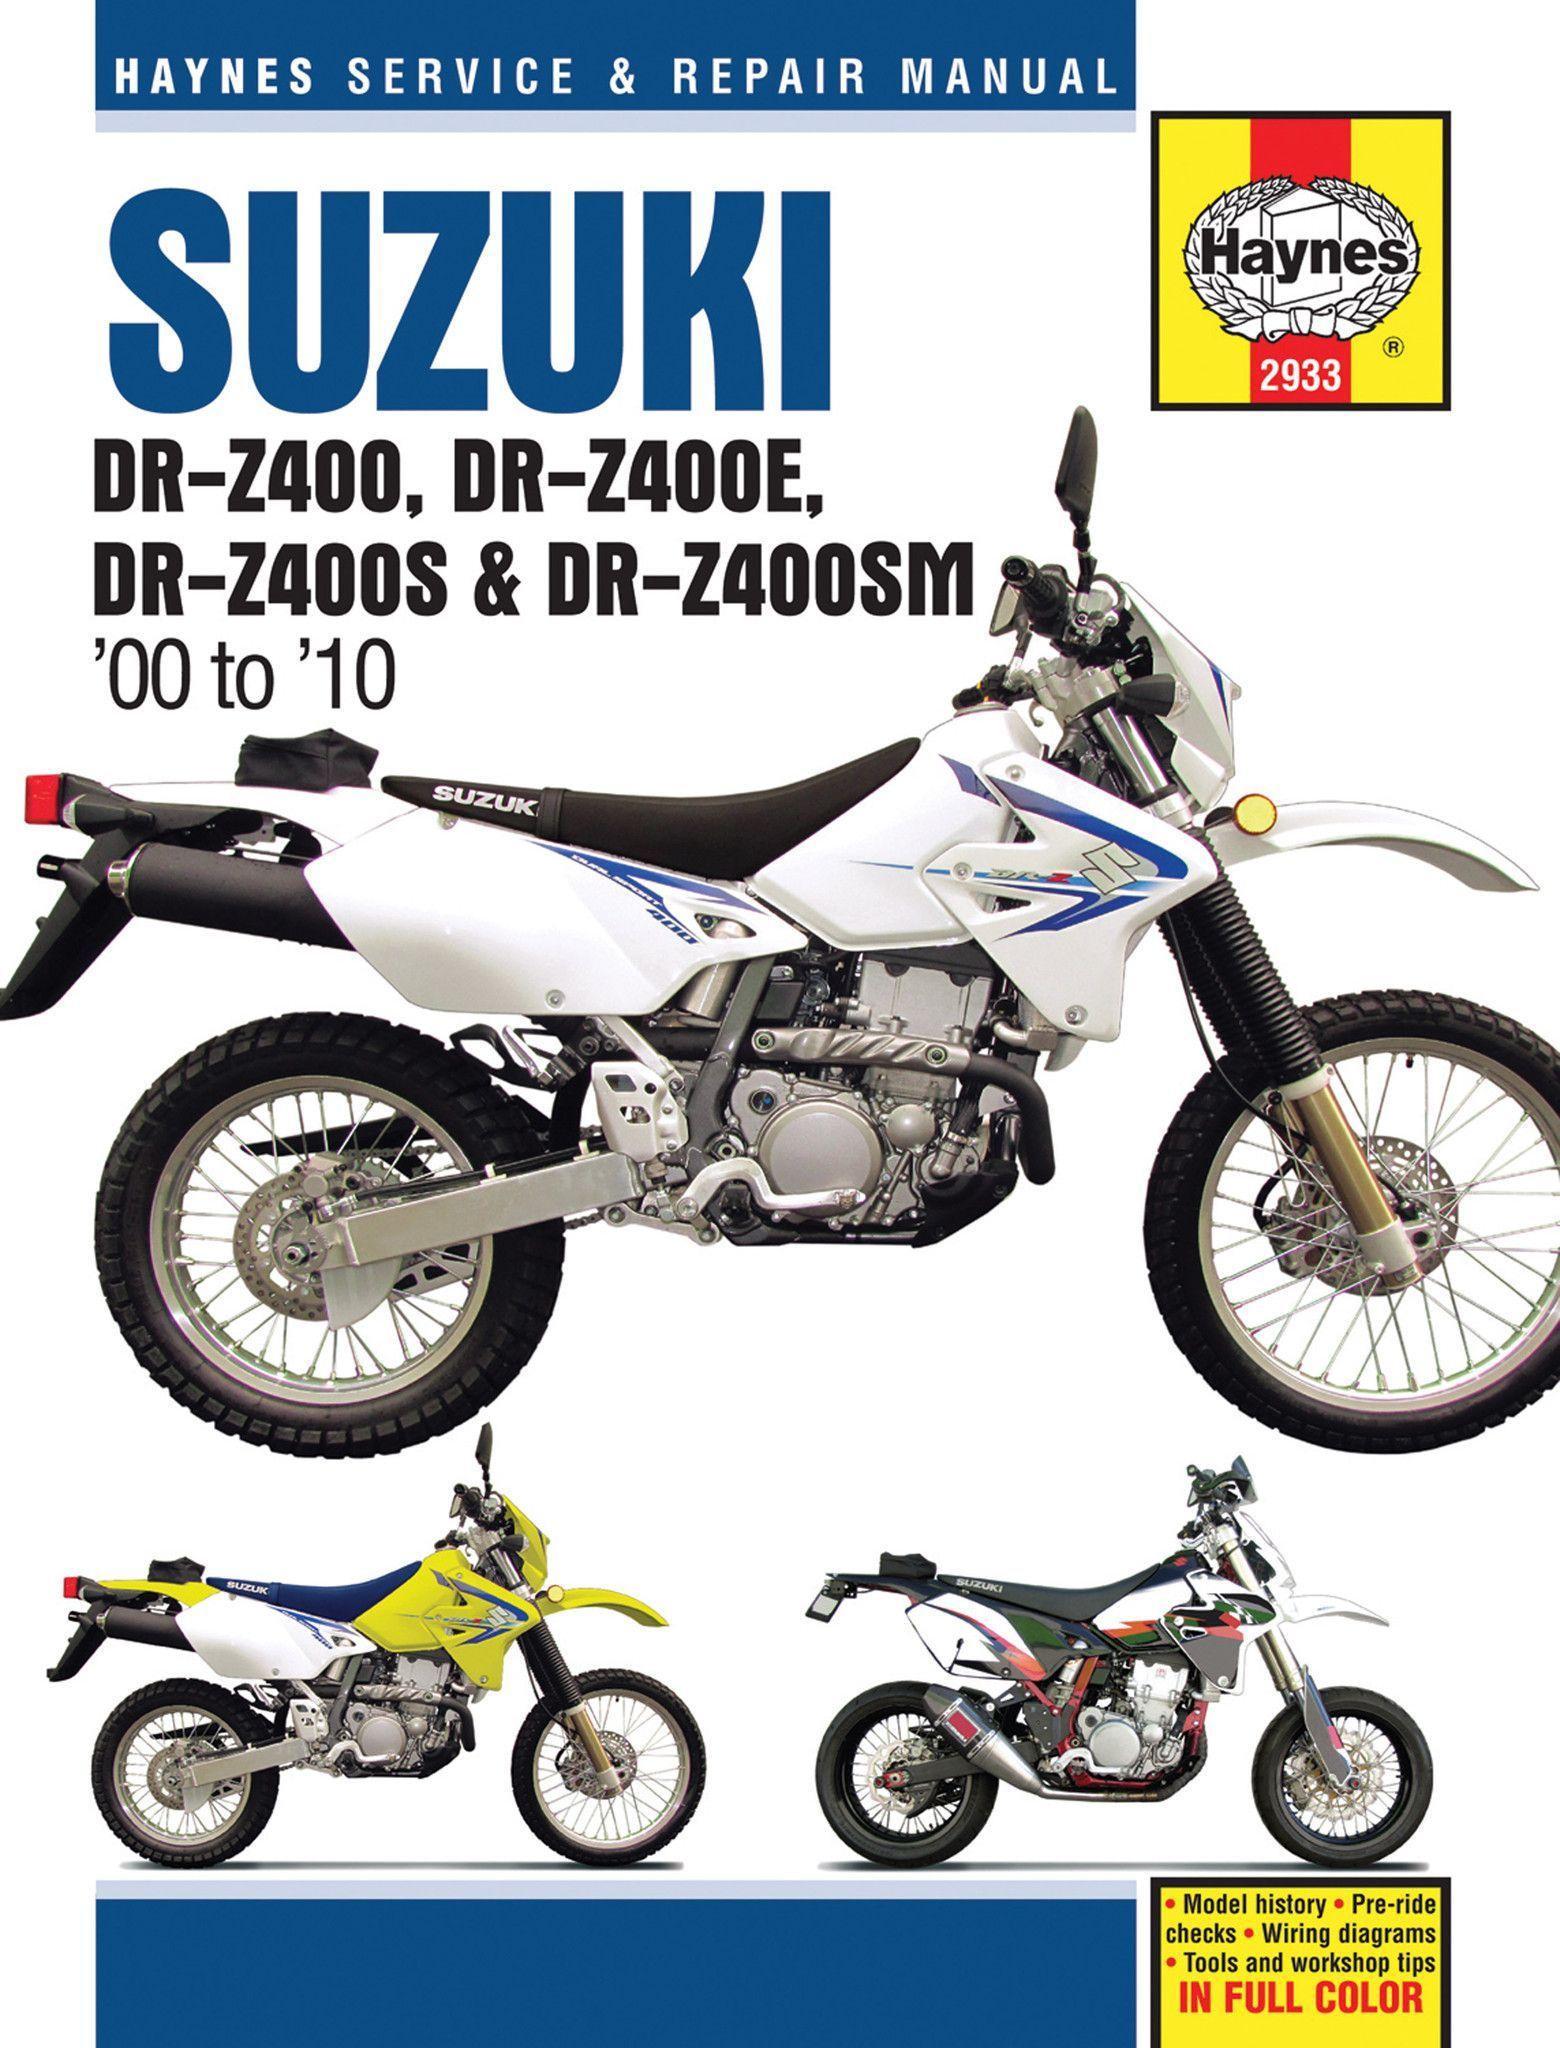 haynes m2933 repair manual for suzuki dr z400 dr z400e dr z400s rh pinterest co uk 2002 Suzuki RM85 Suzuki DRZ400